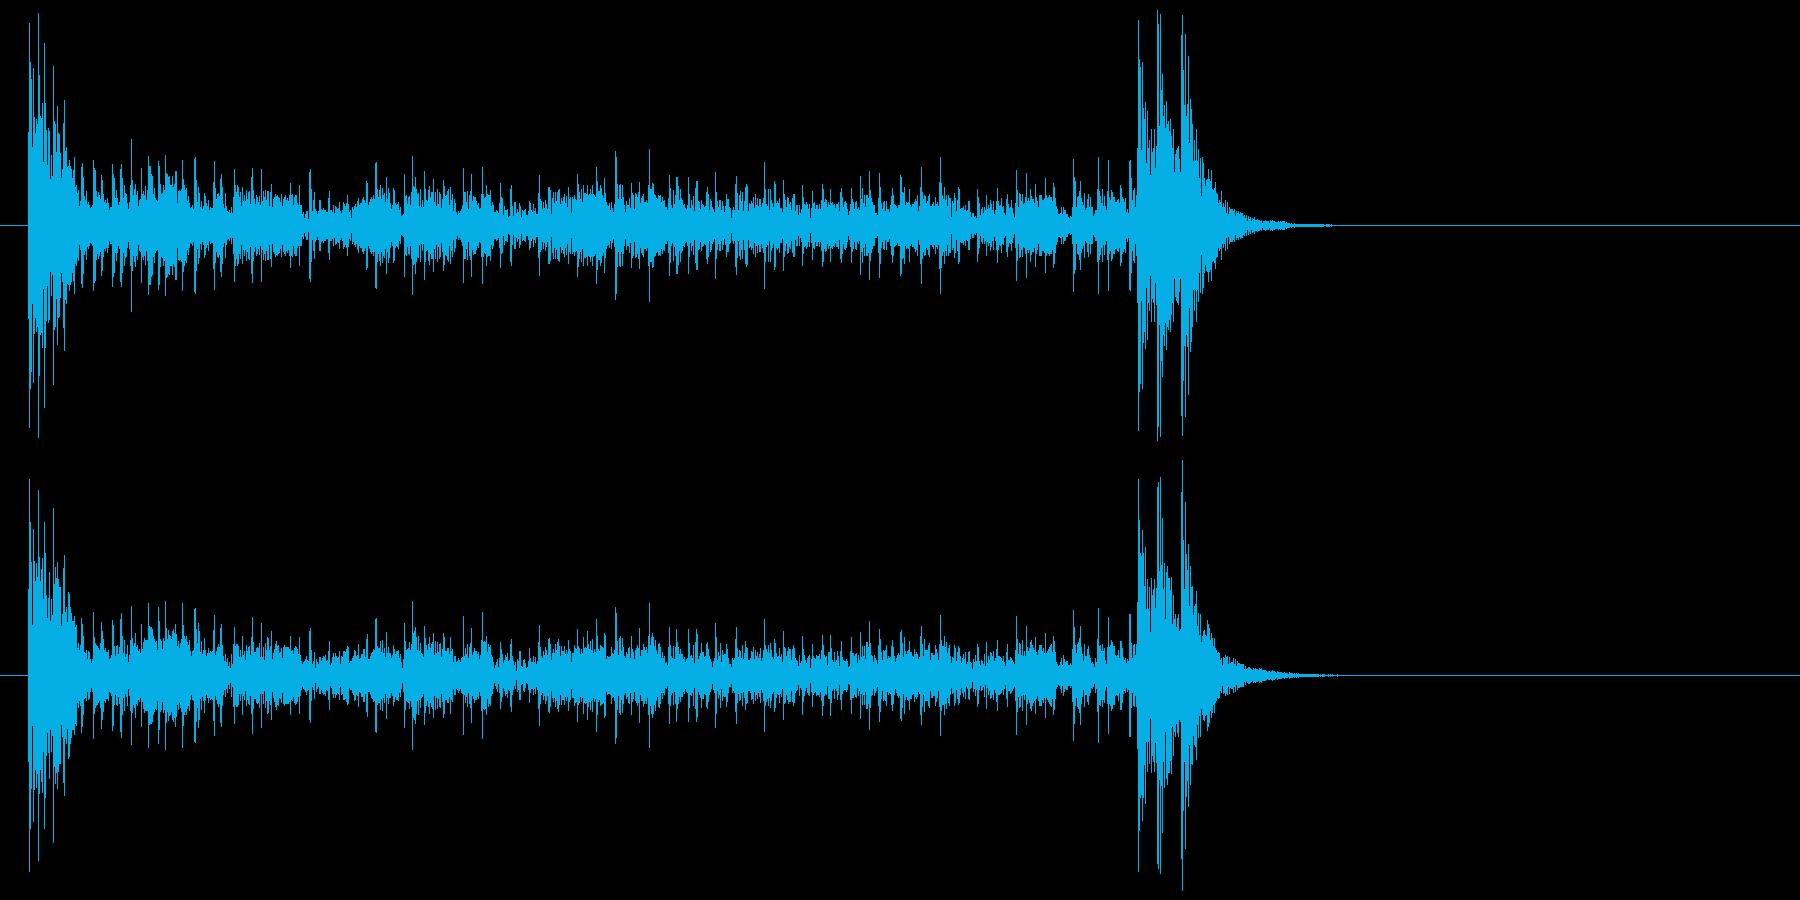 結果発表ドコドコ・ロール10秒引っ張るの再生済みの波形